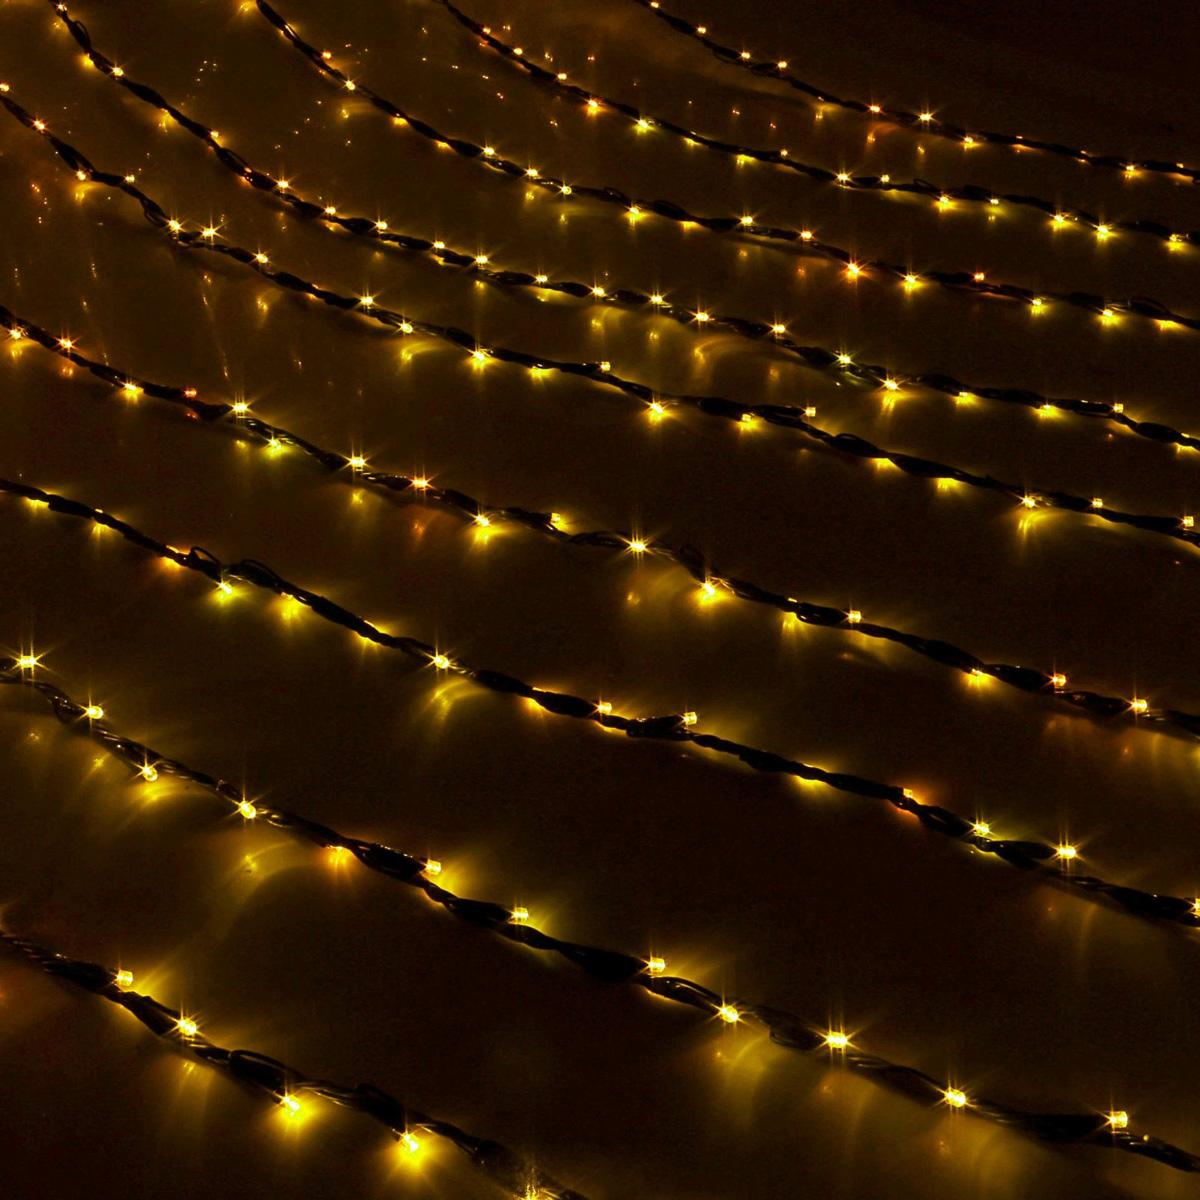 Гирлянда светодиодная Luazon Дождь, уличная, 800 ламп, 220 V, цвет: желтый, 2 х 3 м. 187326187326Светодиодные гирлянды, ленты и т.д — это отличный вариант для новогоднего оформления интерьера или фасада. С их помощью помещение любого размера можно превратить в праздничный зал, а внешние элементы зданий, украшенные ими, мгновенно станут напоминать очертания сказочного дворца. Такие украшения создают ауру предвкушения чуда. Деревья, фасады, витрины, окна и арки будто специально созданы, чтобы вы украсили их светящимися нитями.